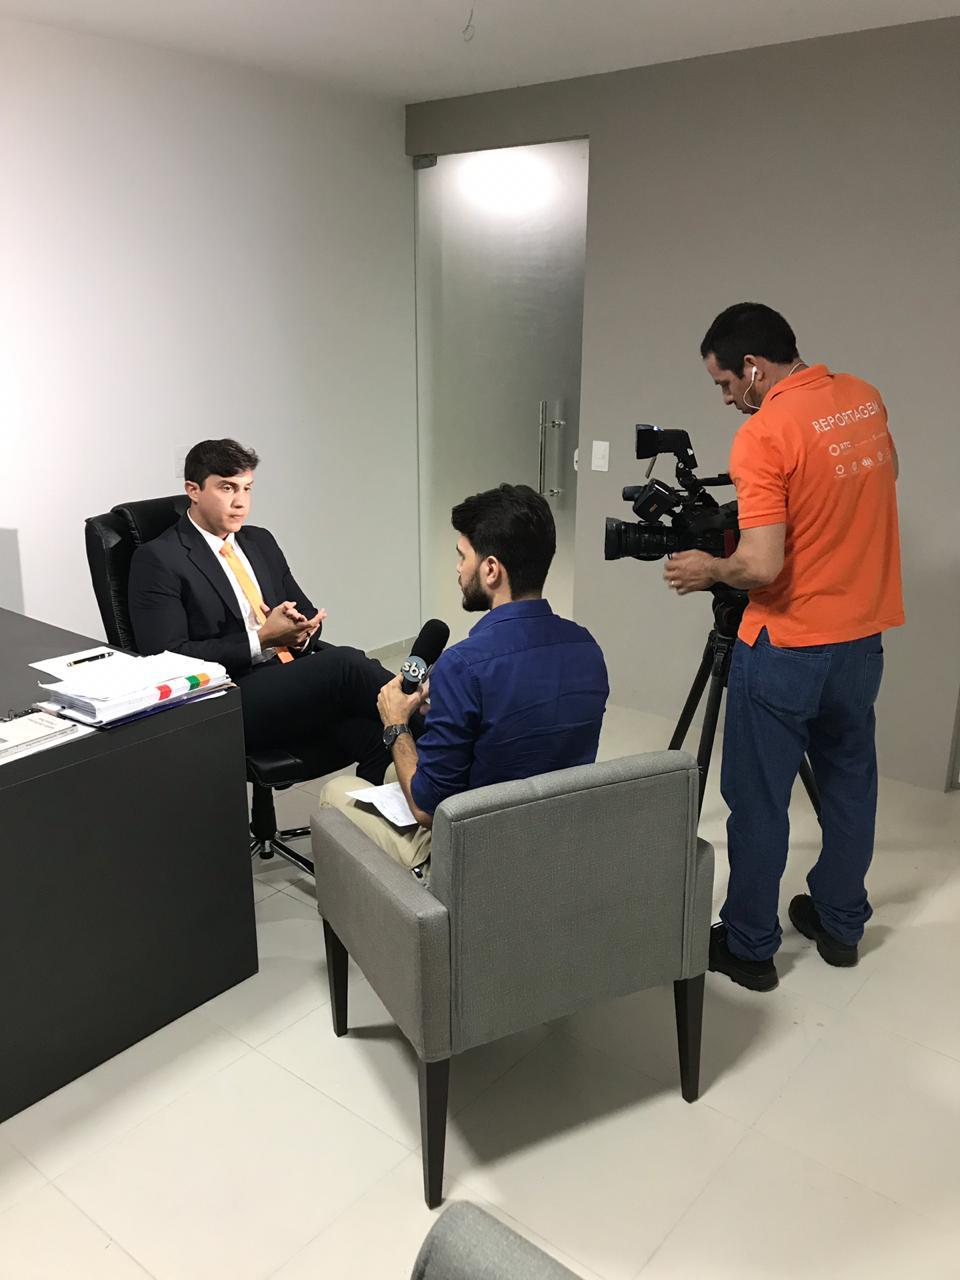 Membro da Comcrim concede entrevista e fala sobre Segurança Pública